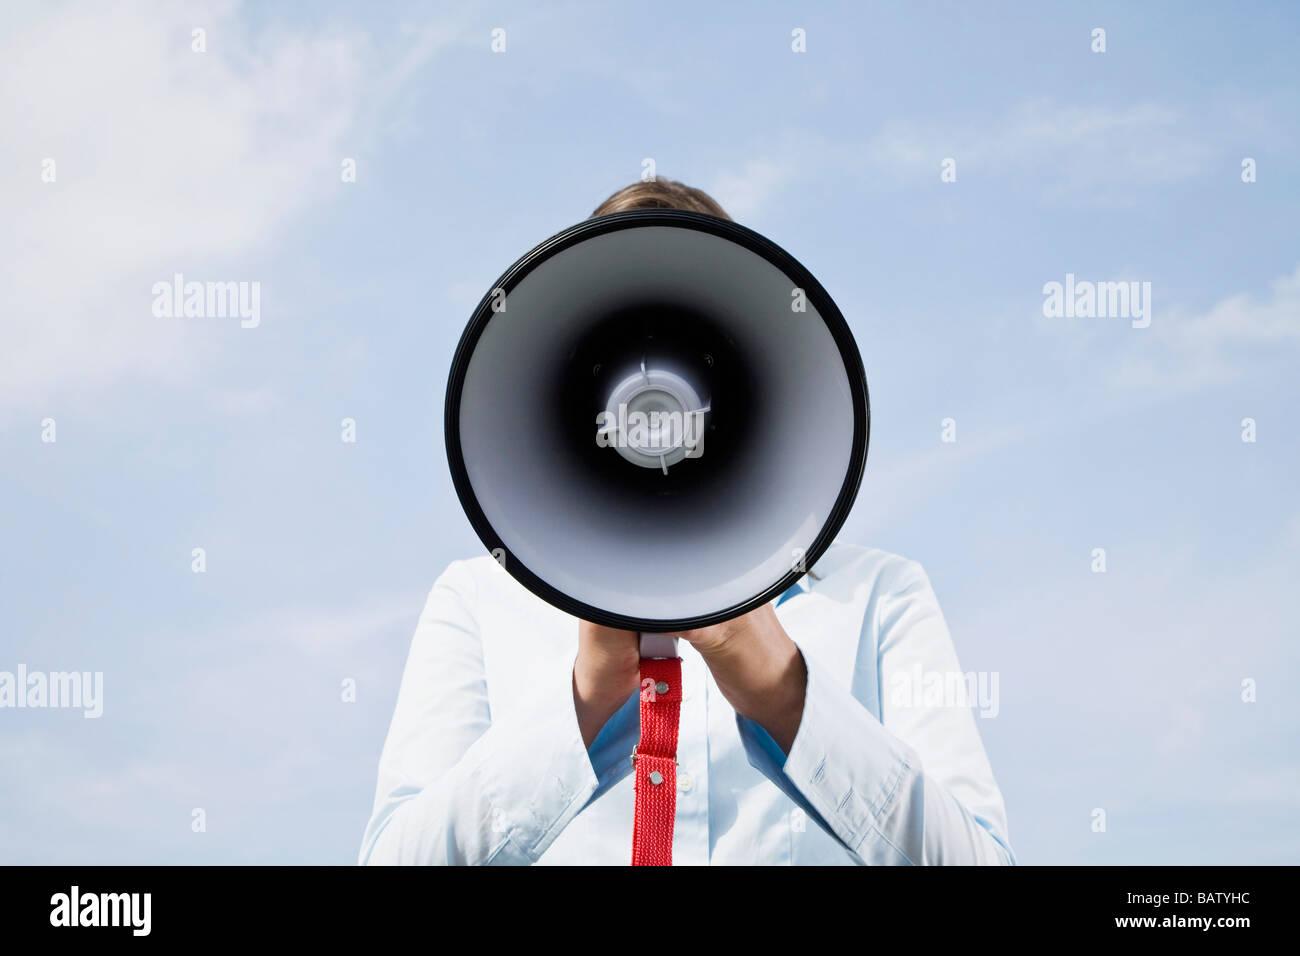 portrait of young businesswoman hidden behind megaphone - Stock Image